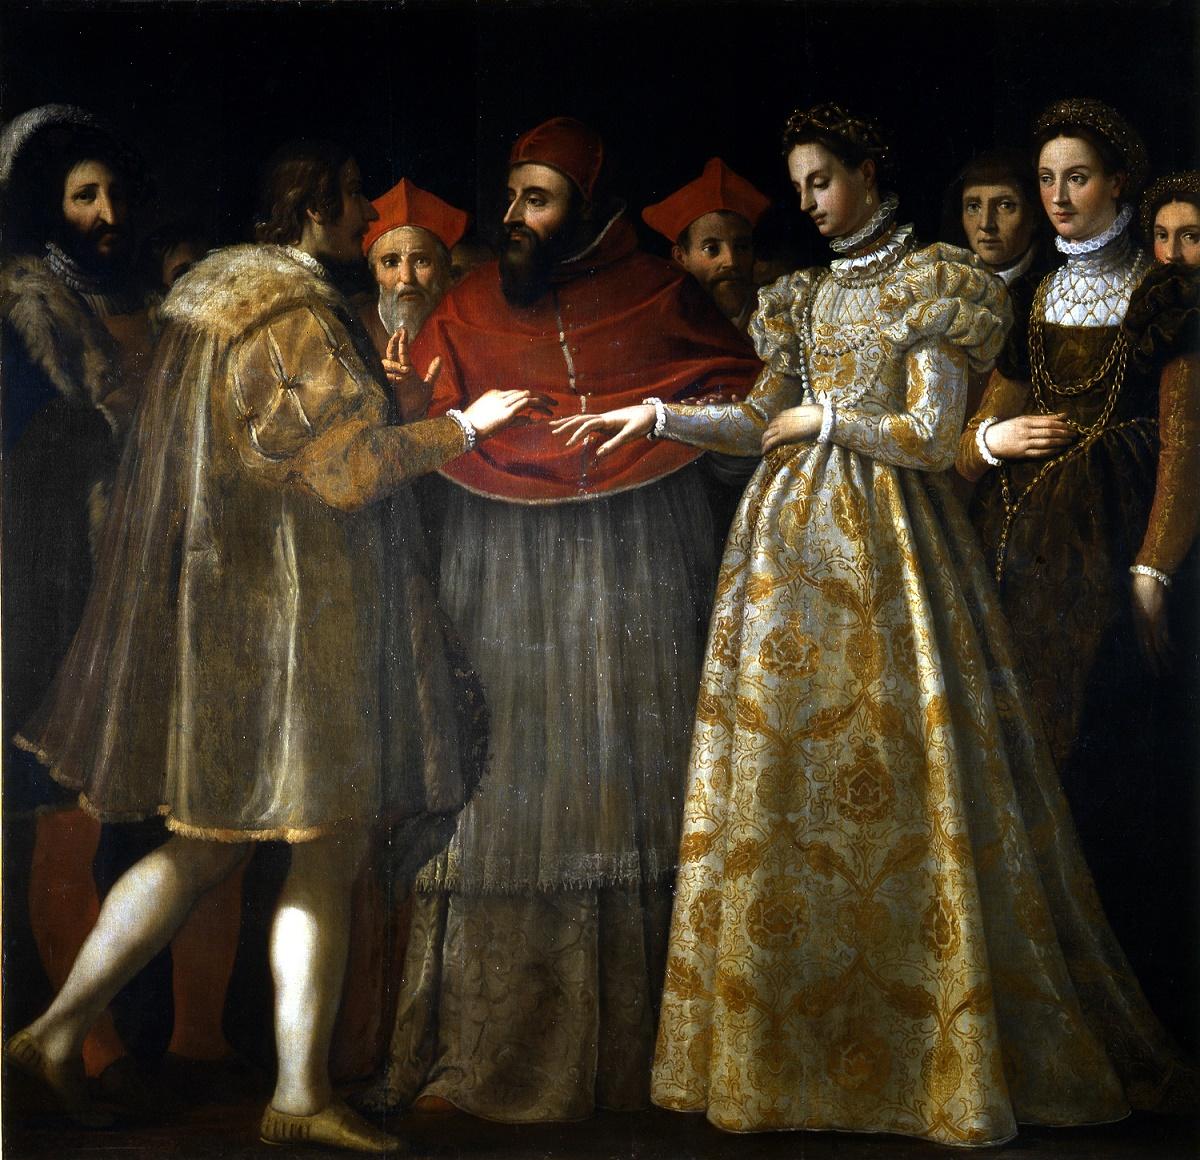 Il dipinto di Jacopo Chimenti sul matrimonio di Caterina de' Medici